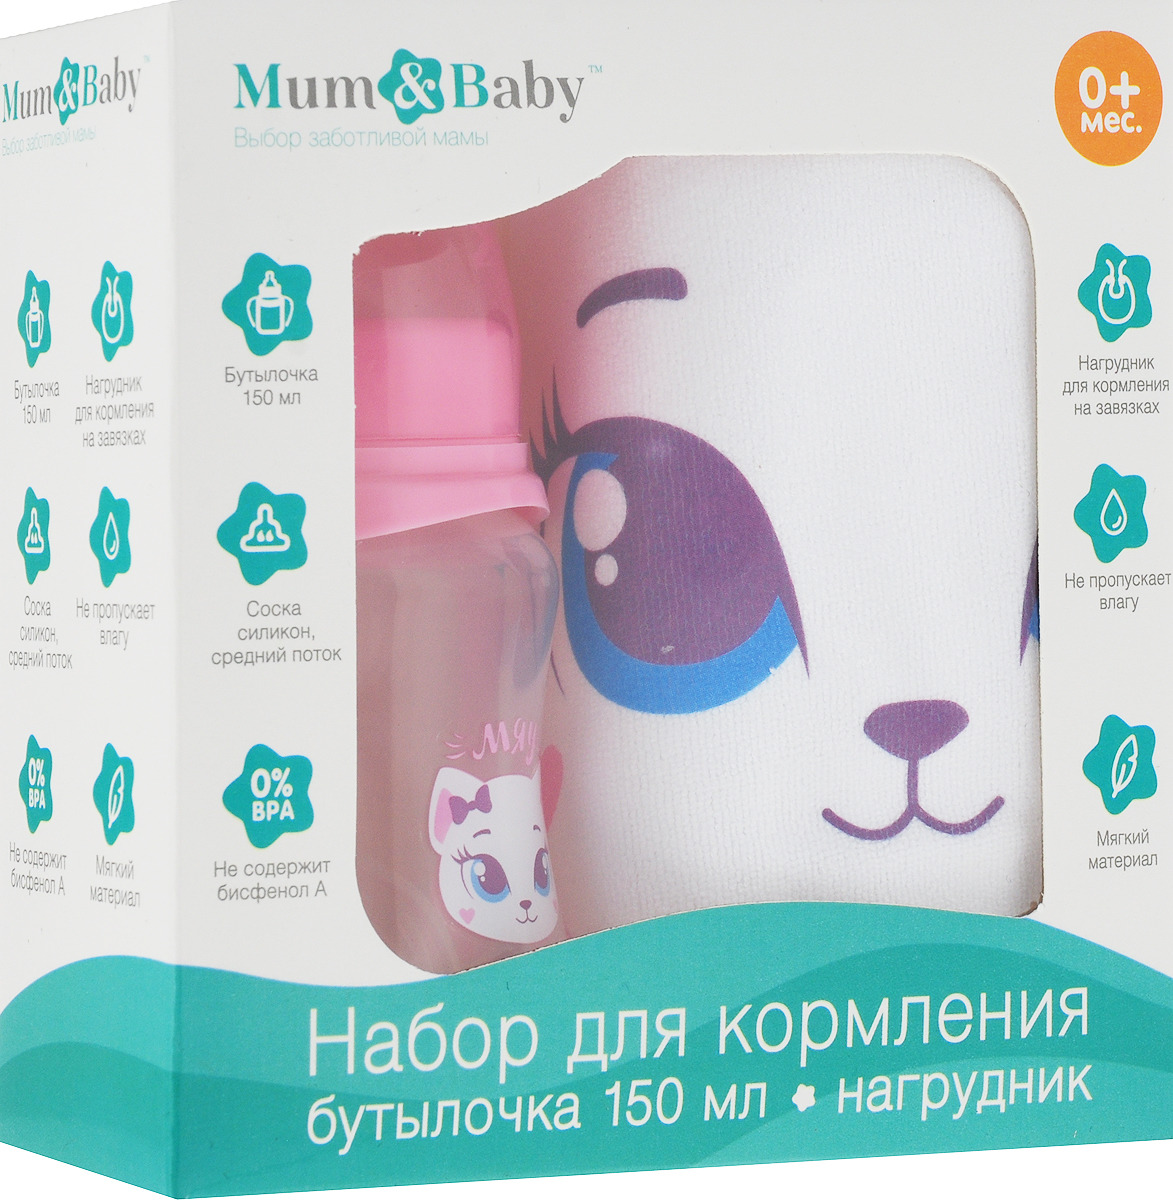 Набор Mum&Baby Кошечка Софи бутылочка для кормления, 150 мл + нагрудник, 3654366 для кормления малыша